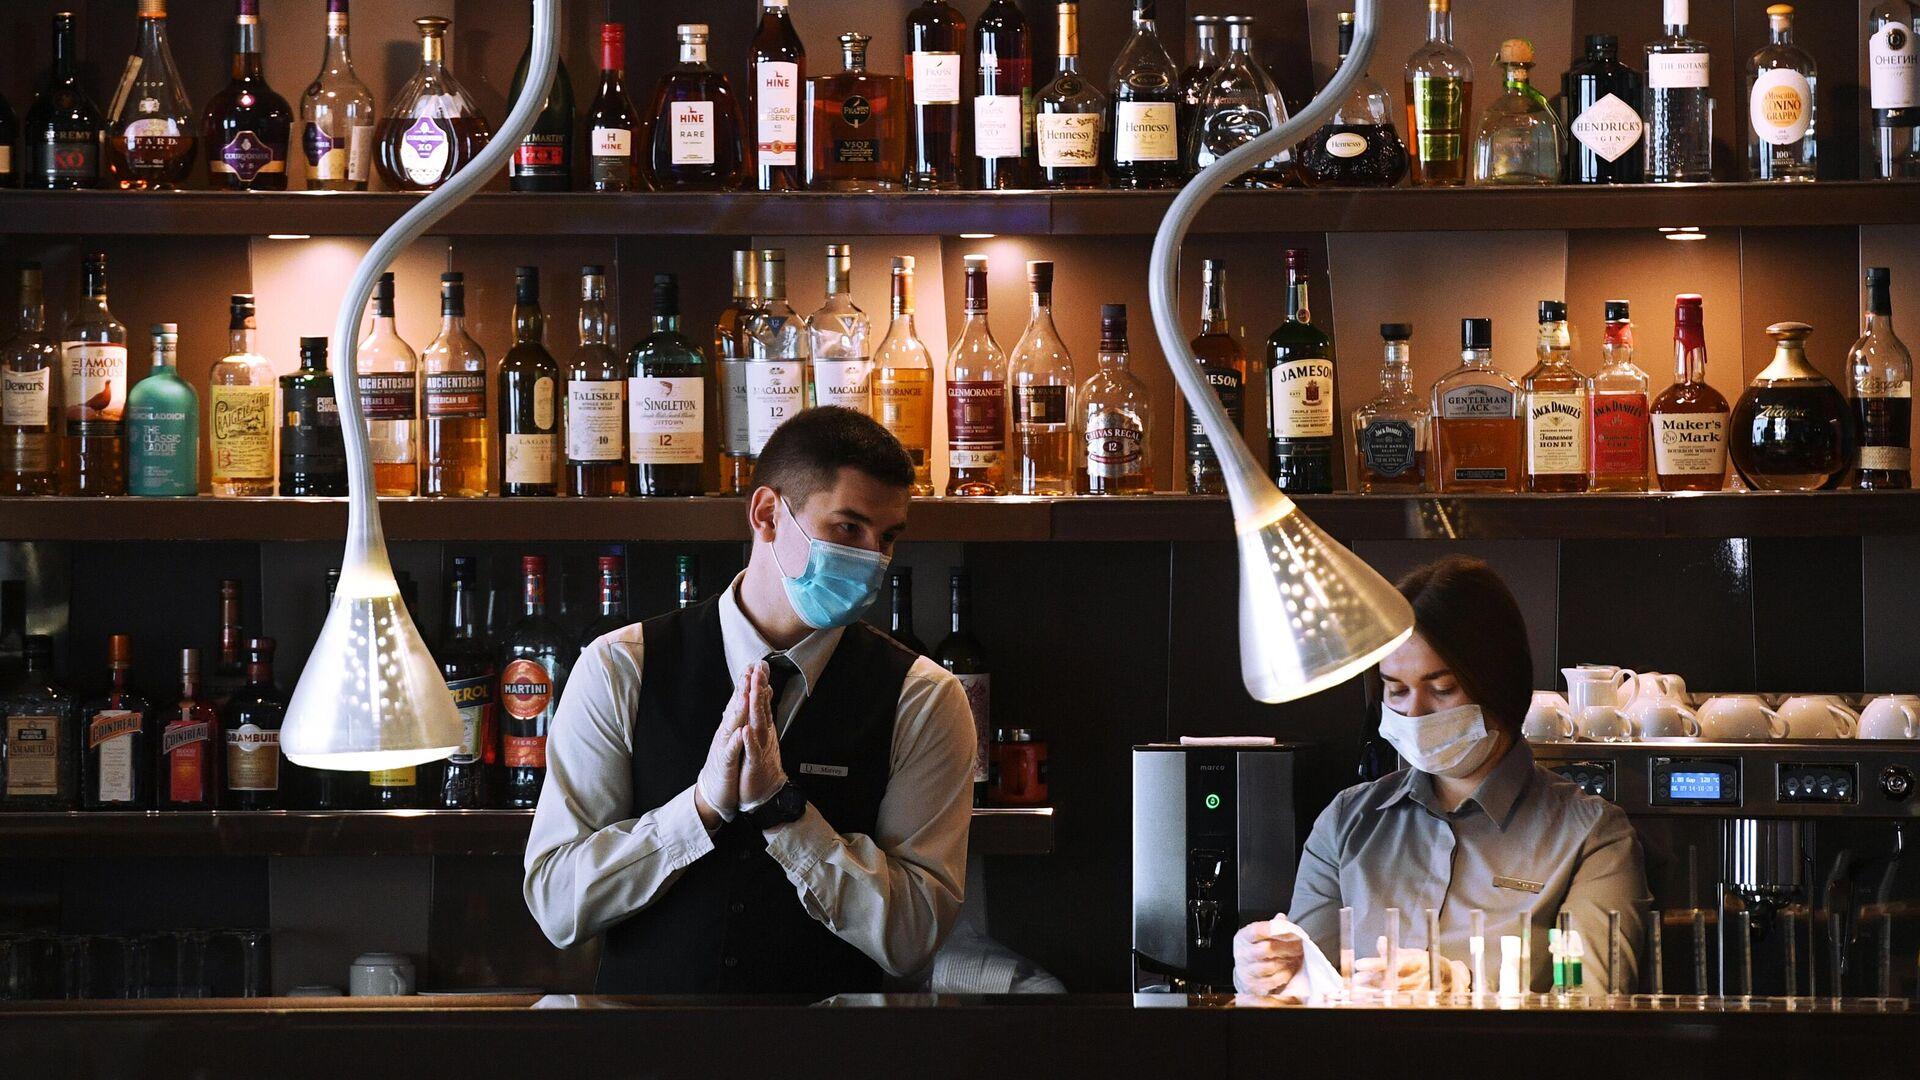 Сотрудники бара в защитных масках - РИА Новости, 1920, 15.10.2020